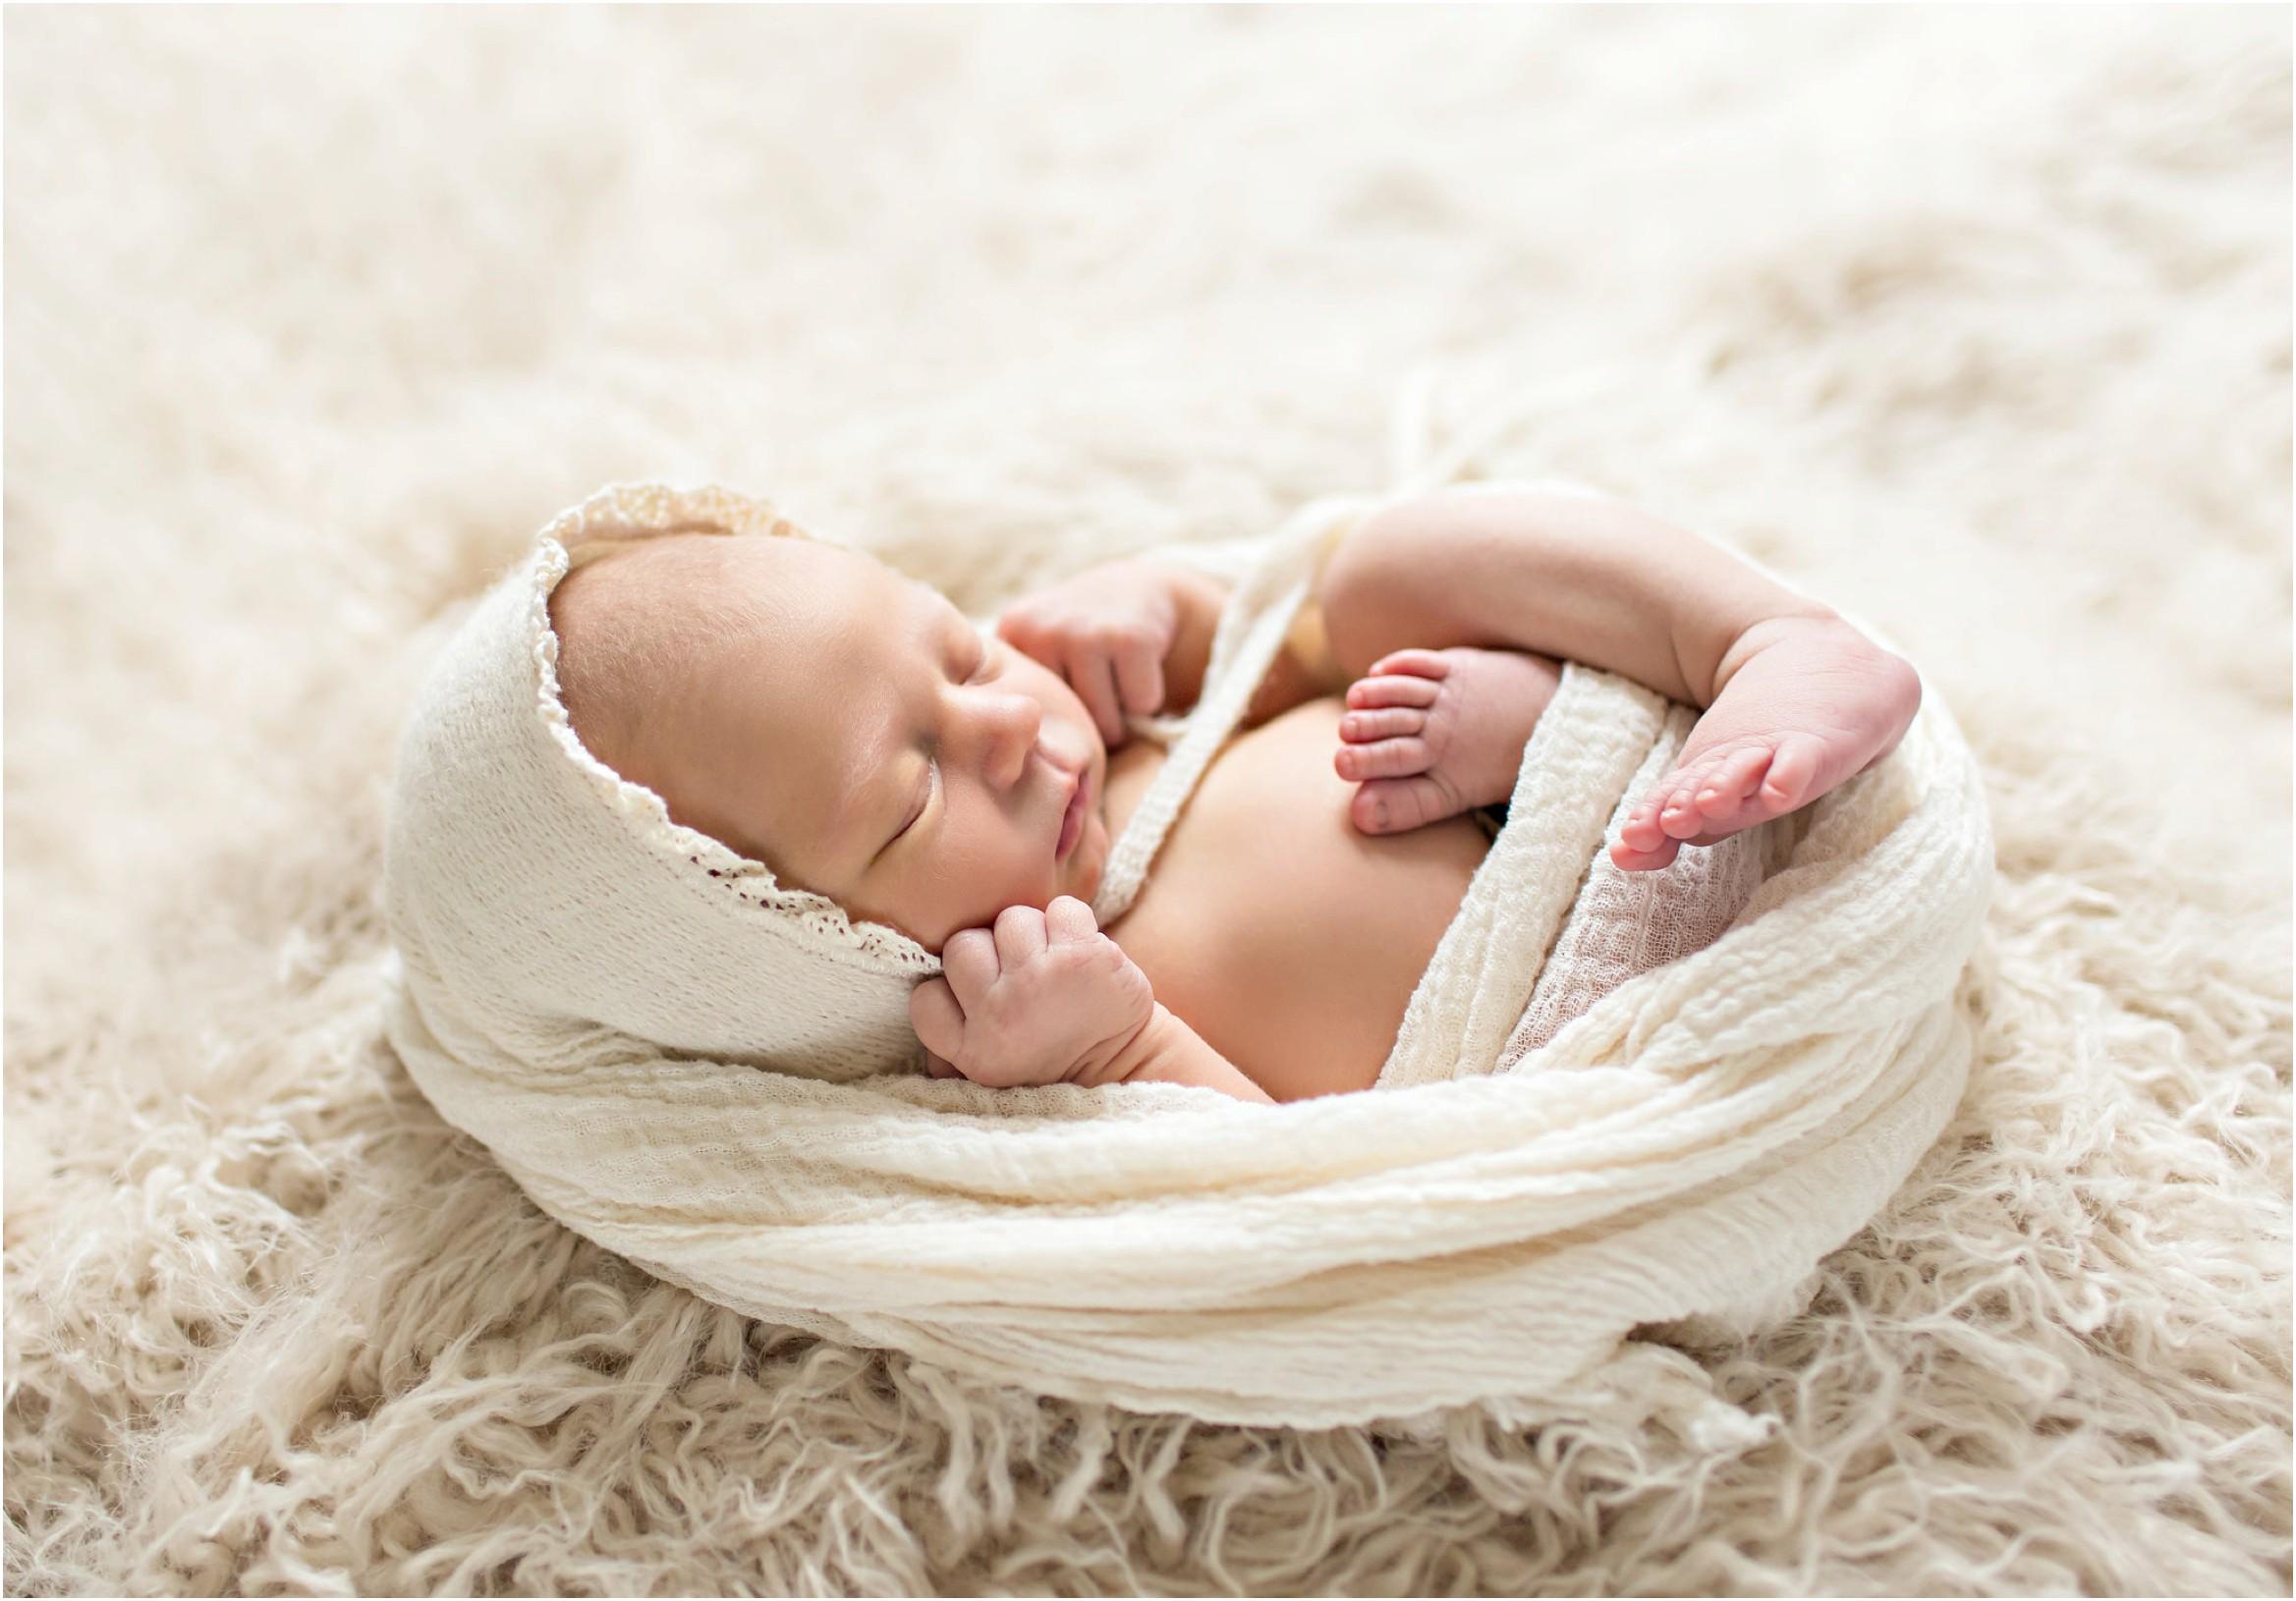 st louis photography_maternity_lauren muckler photography_film_st louis film photographer_0685.jpg